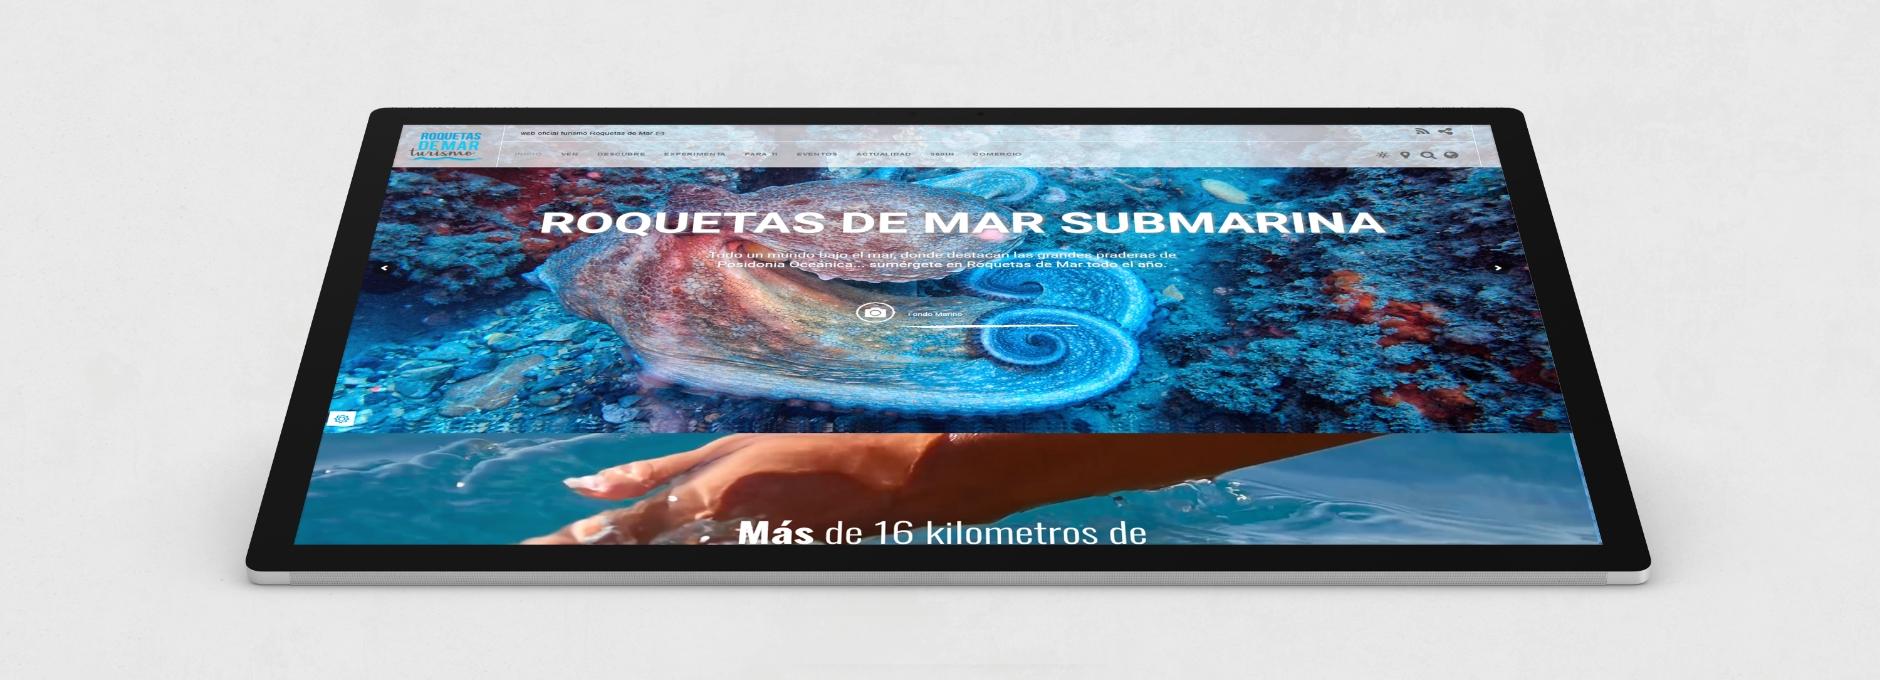 Turismo - Roquetas de Mar - Almería